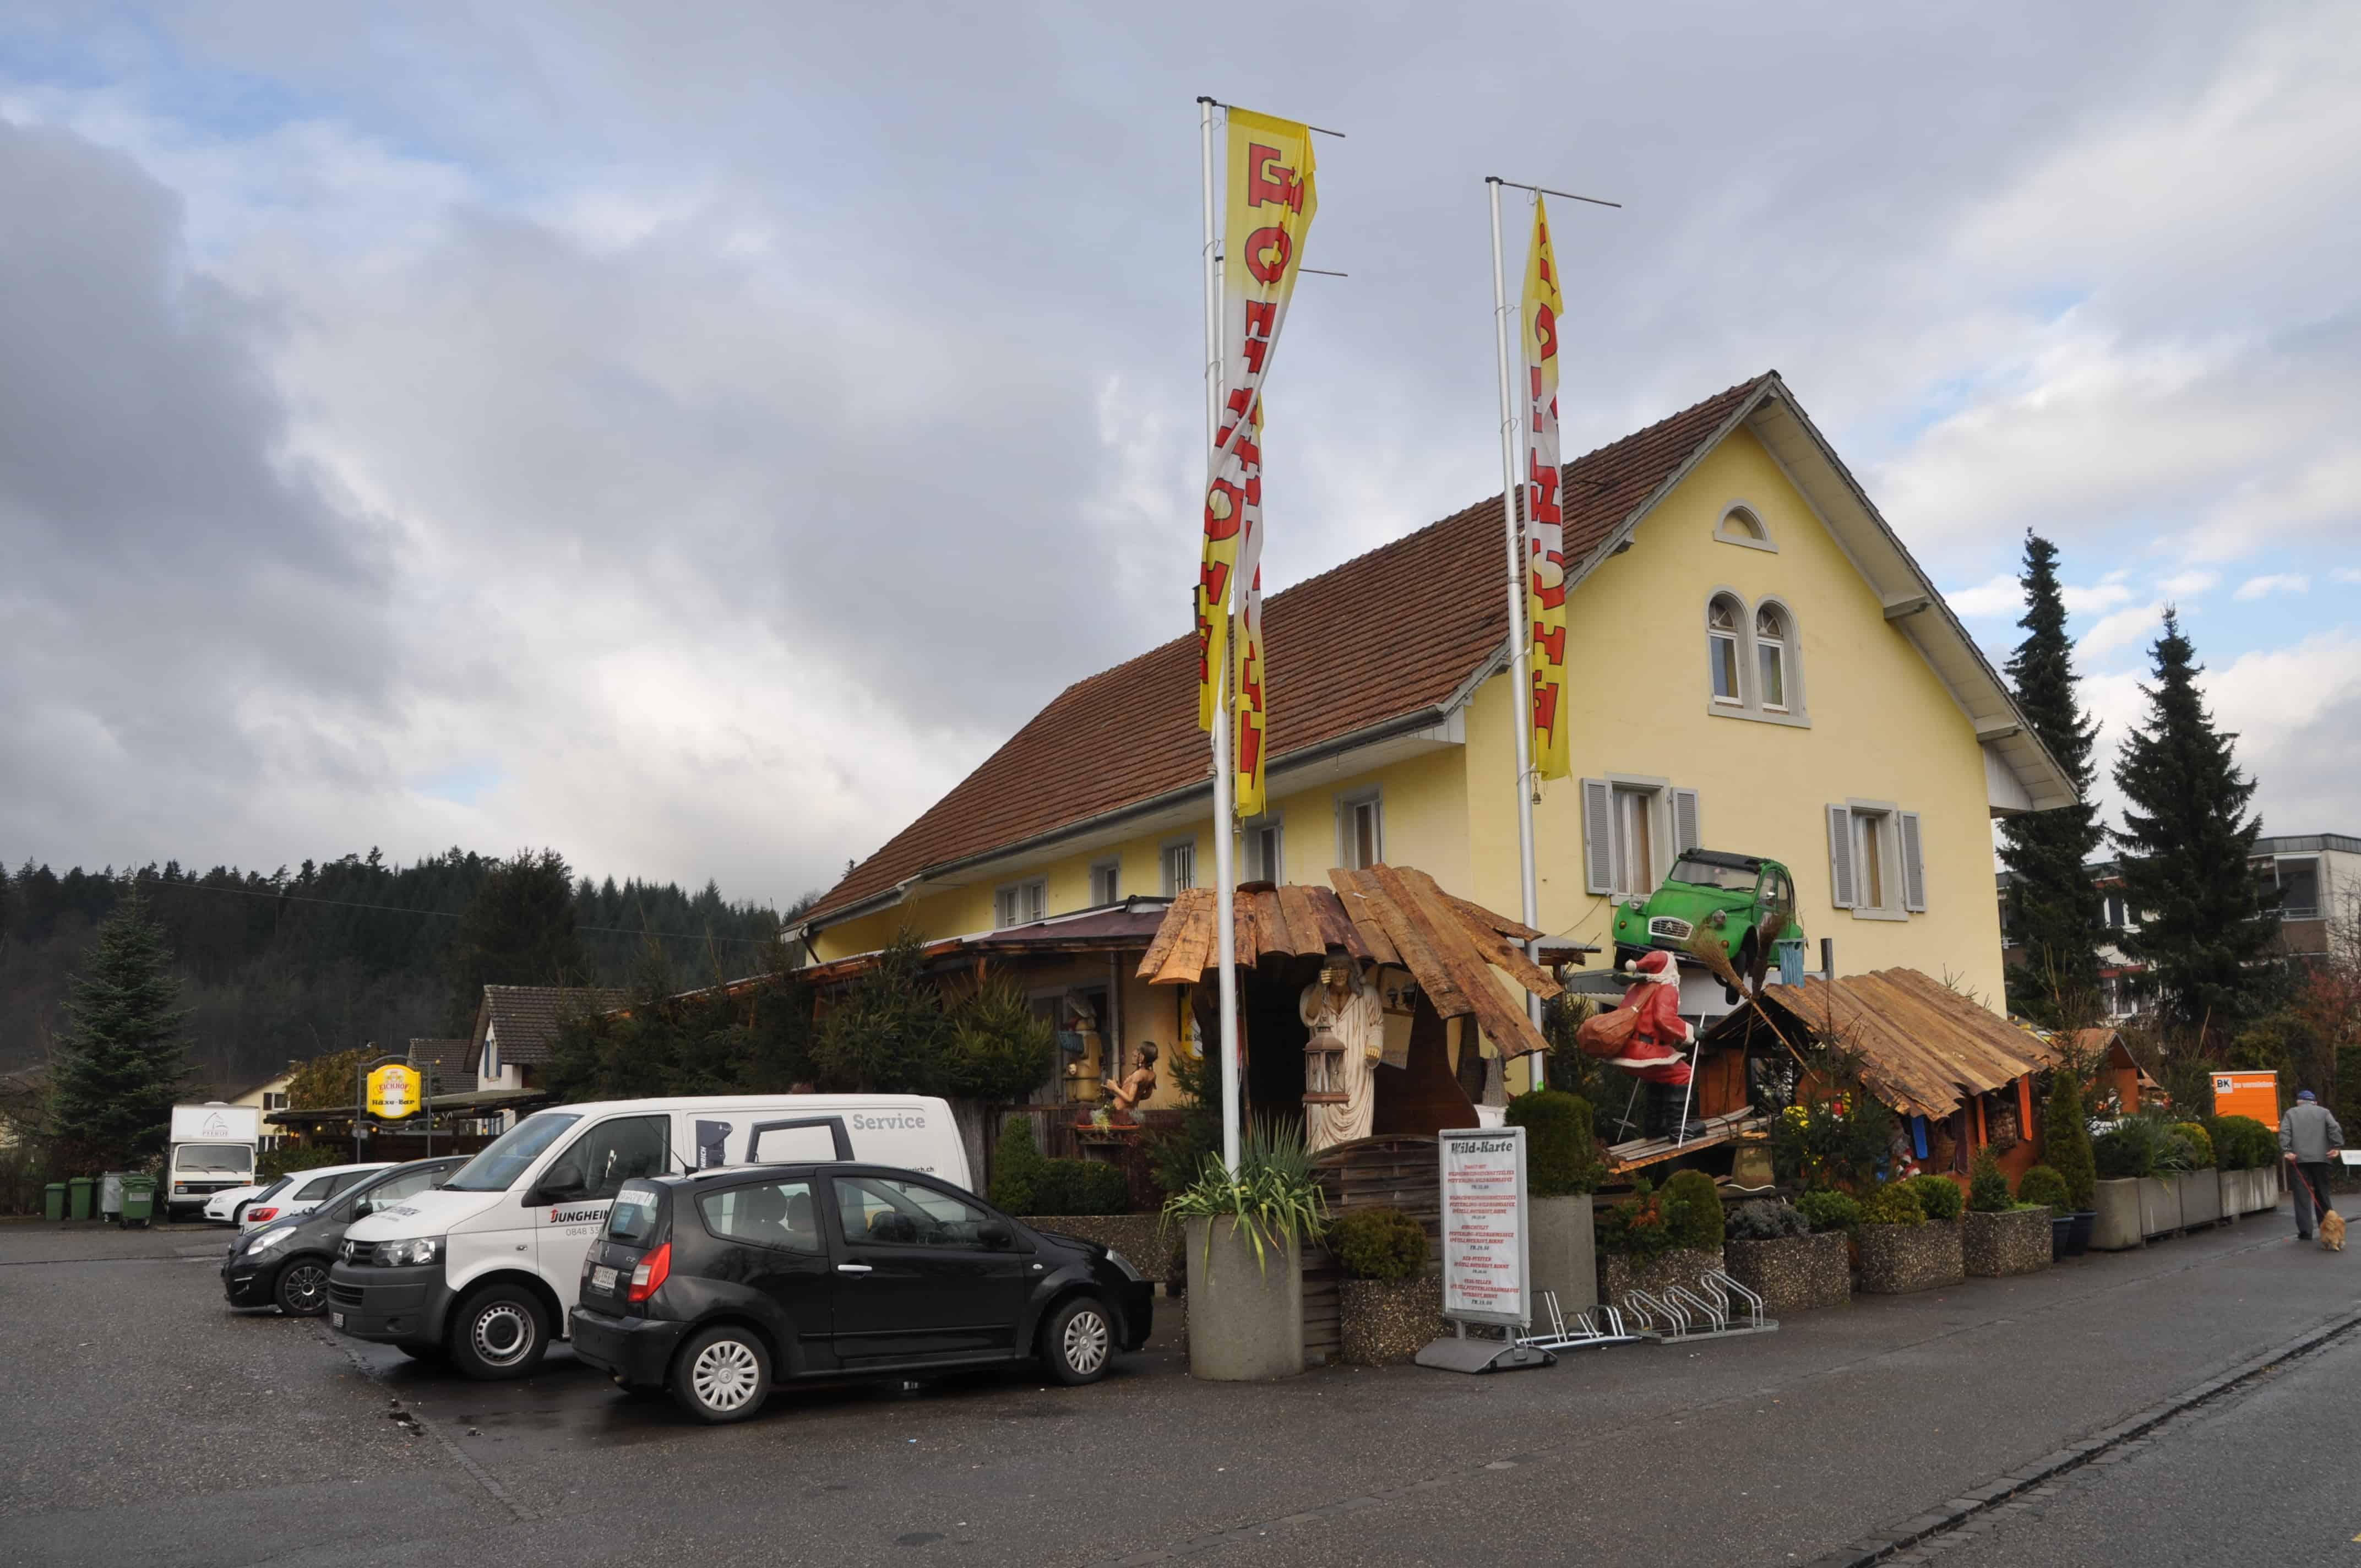 Restaurant-Big-Sterne-Hausen-Bei-Brugg-5